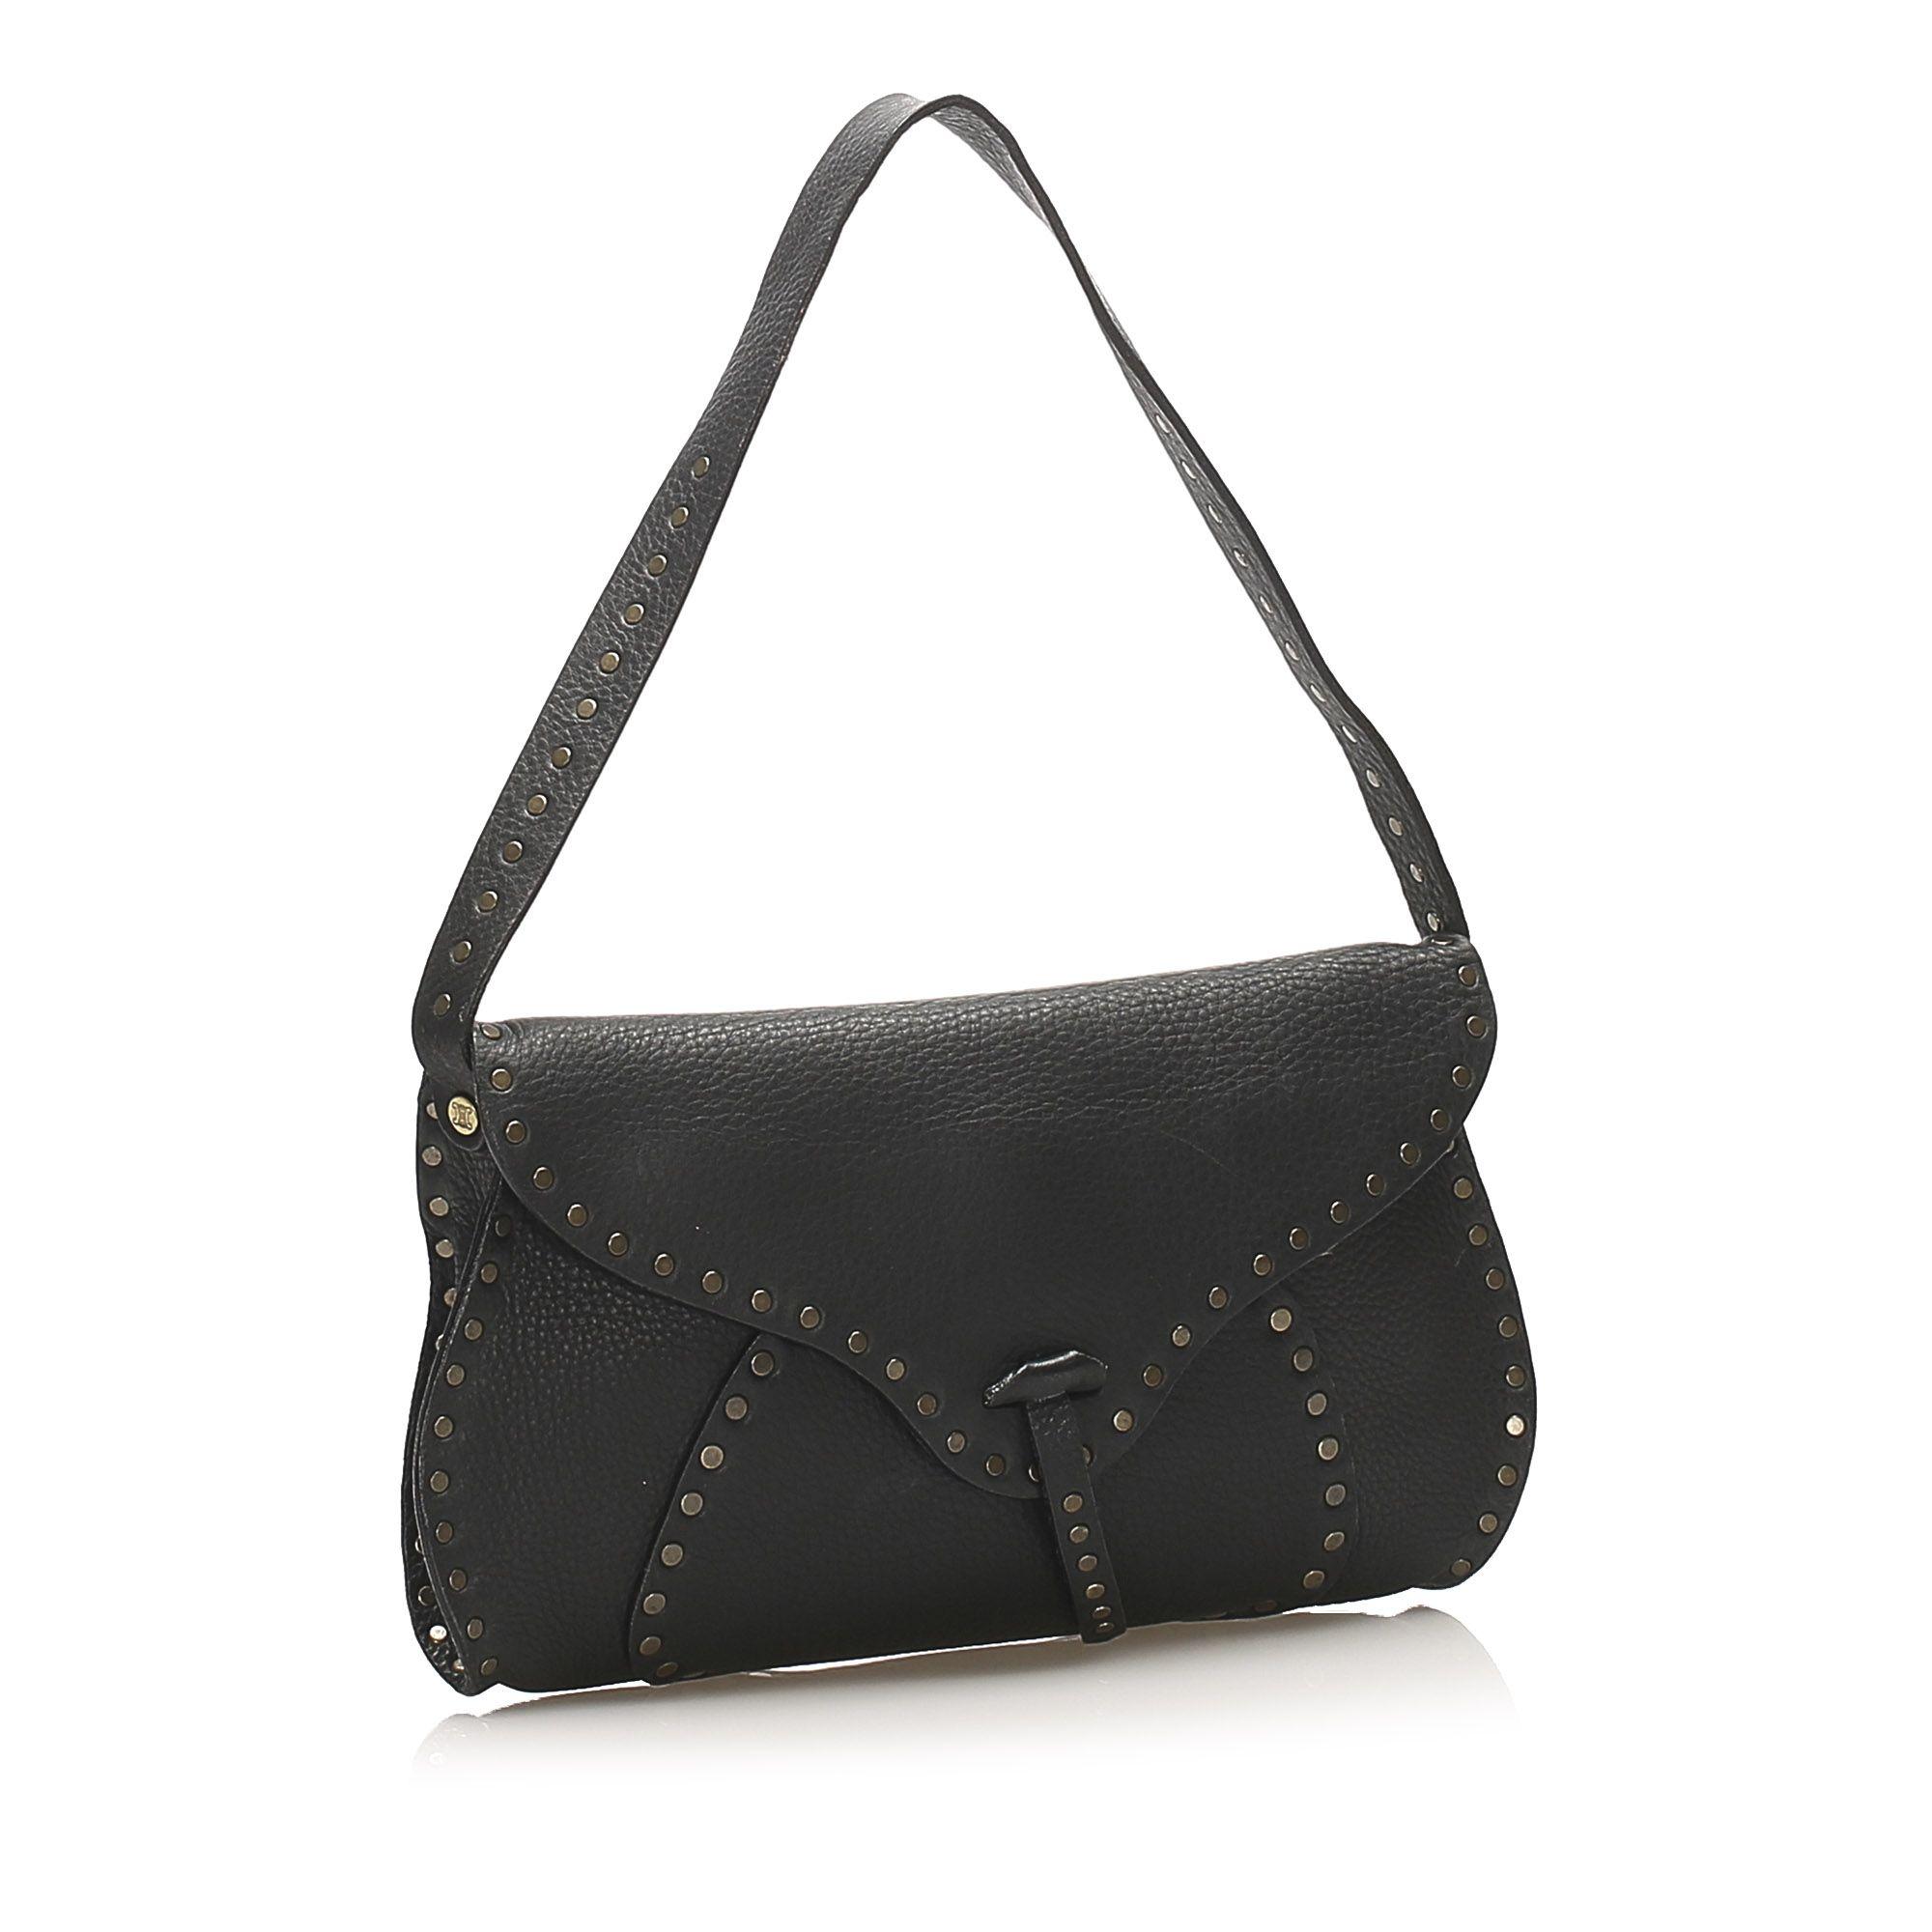 Vintage Celine Studded Leather Baguette Black